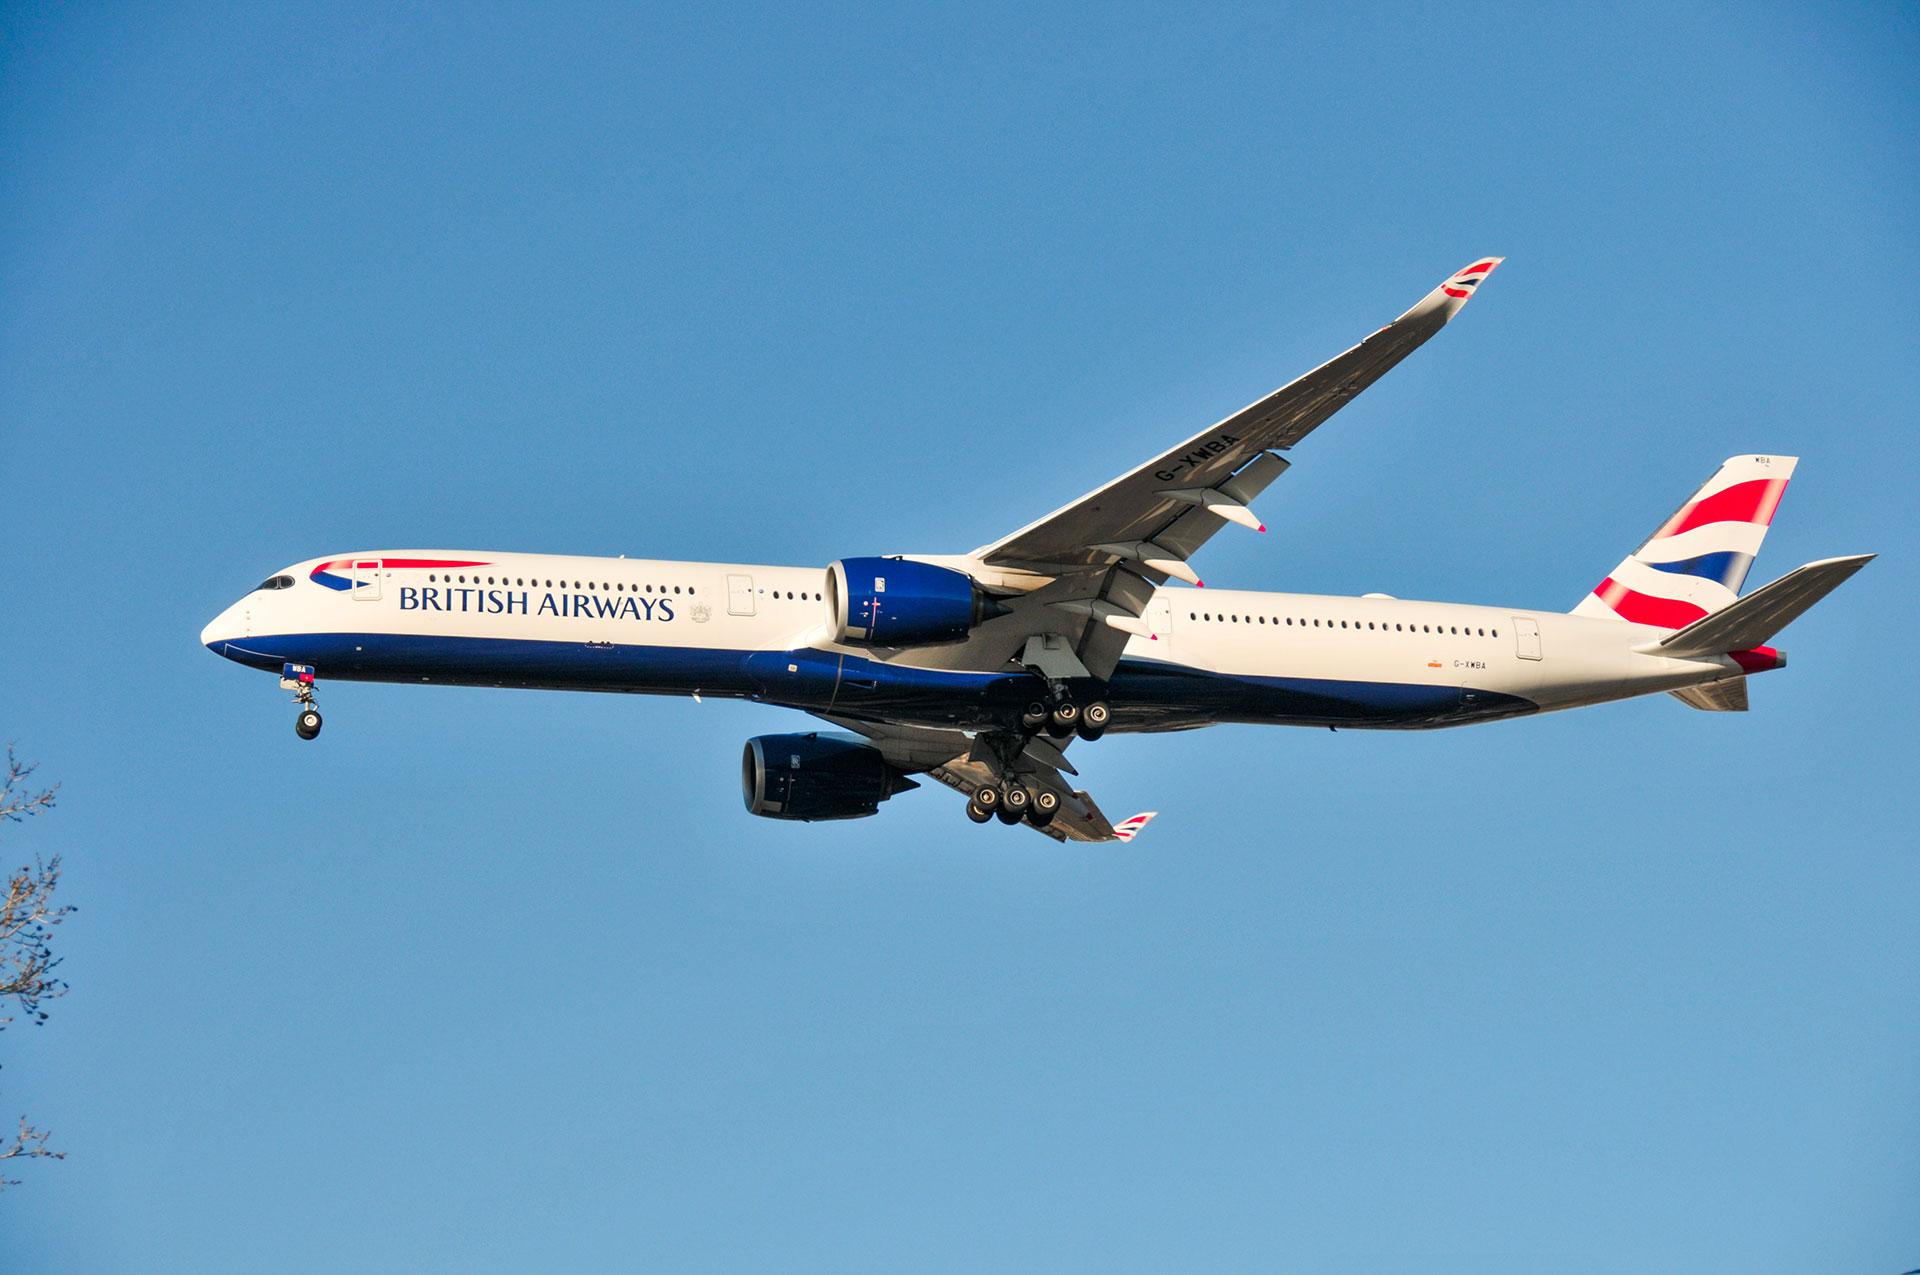 British Airways Flight tracker